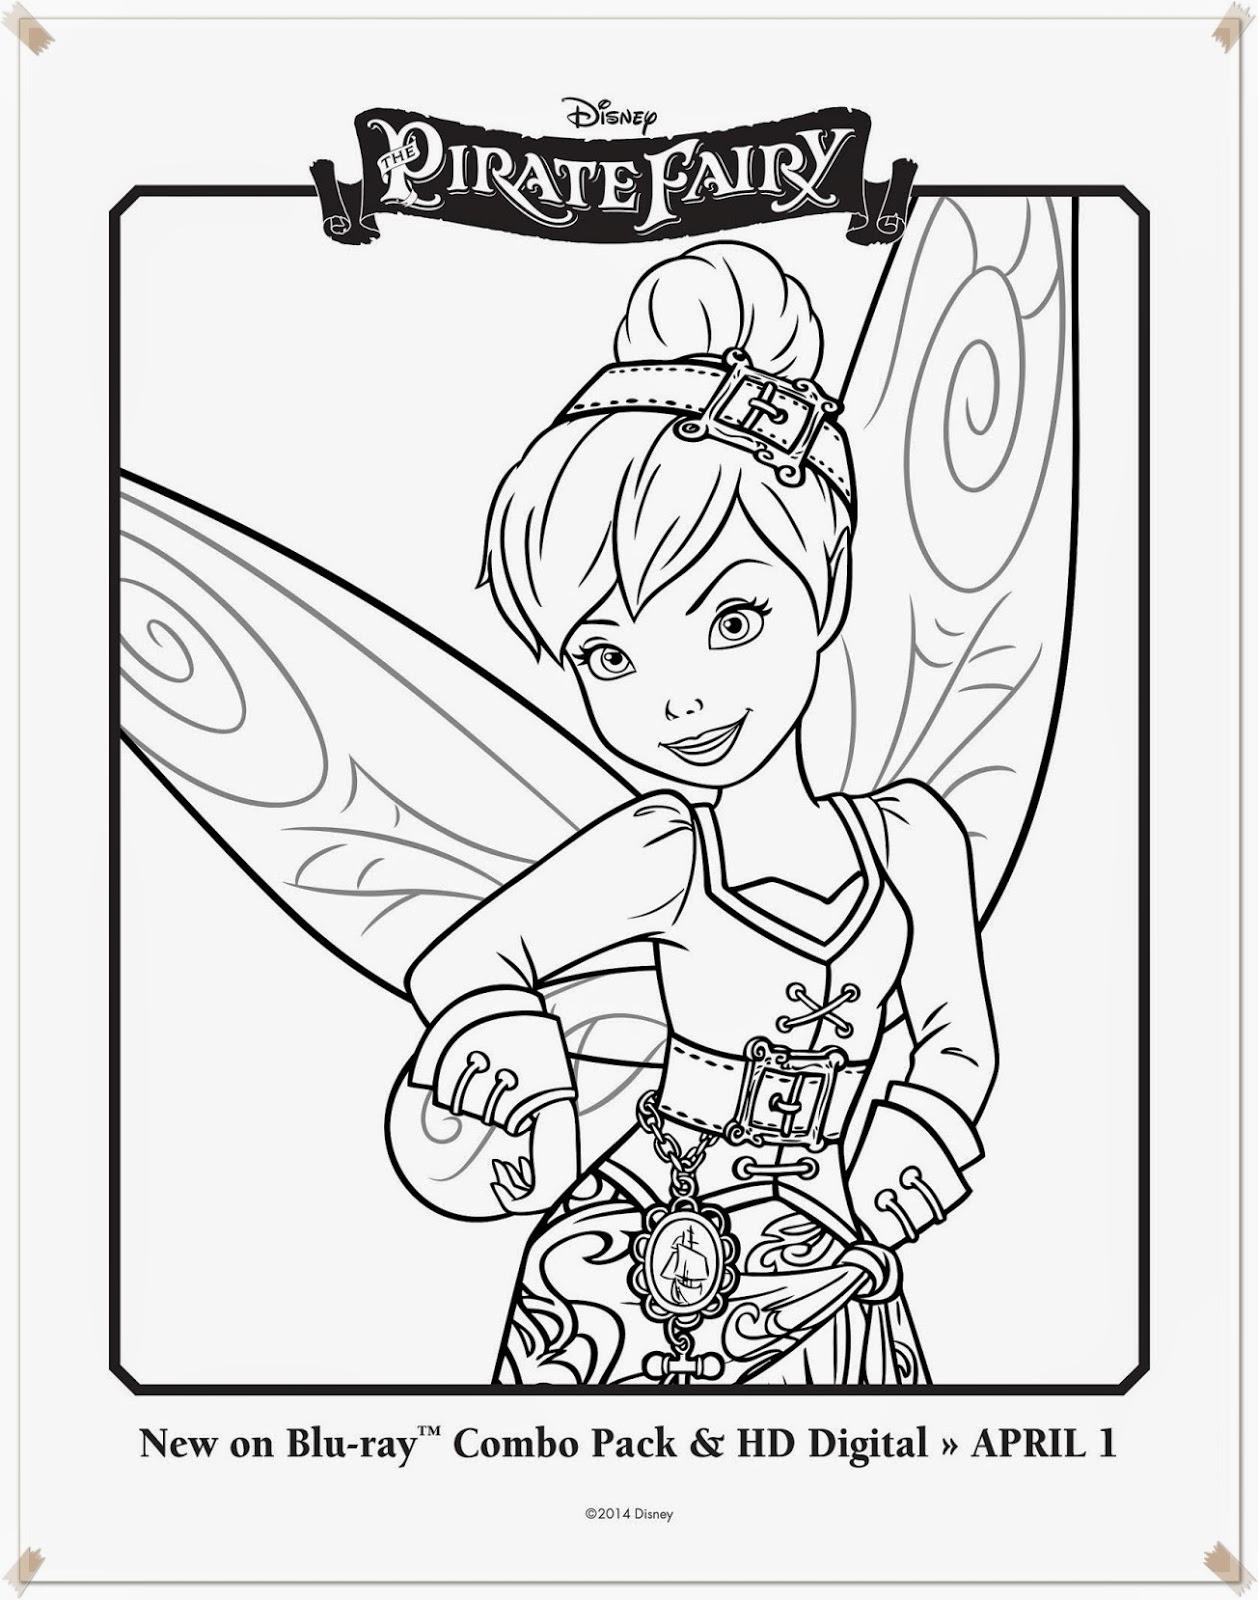 Ausmalbilder The Pirate Fairy Disney innen Ausmalbilder Tinkerbell Und Die Piratenfee